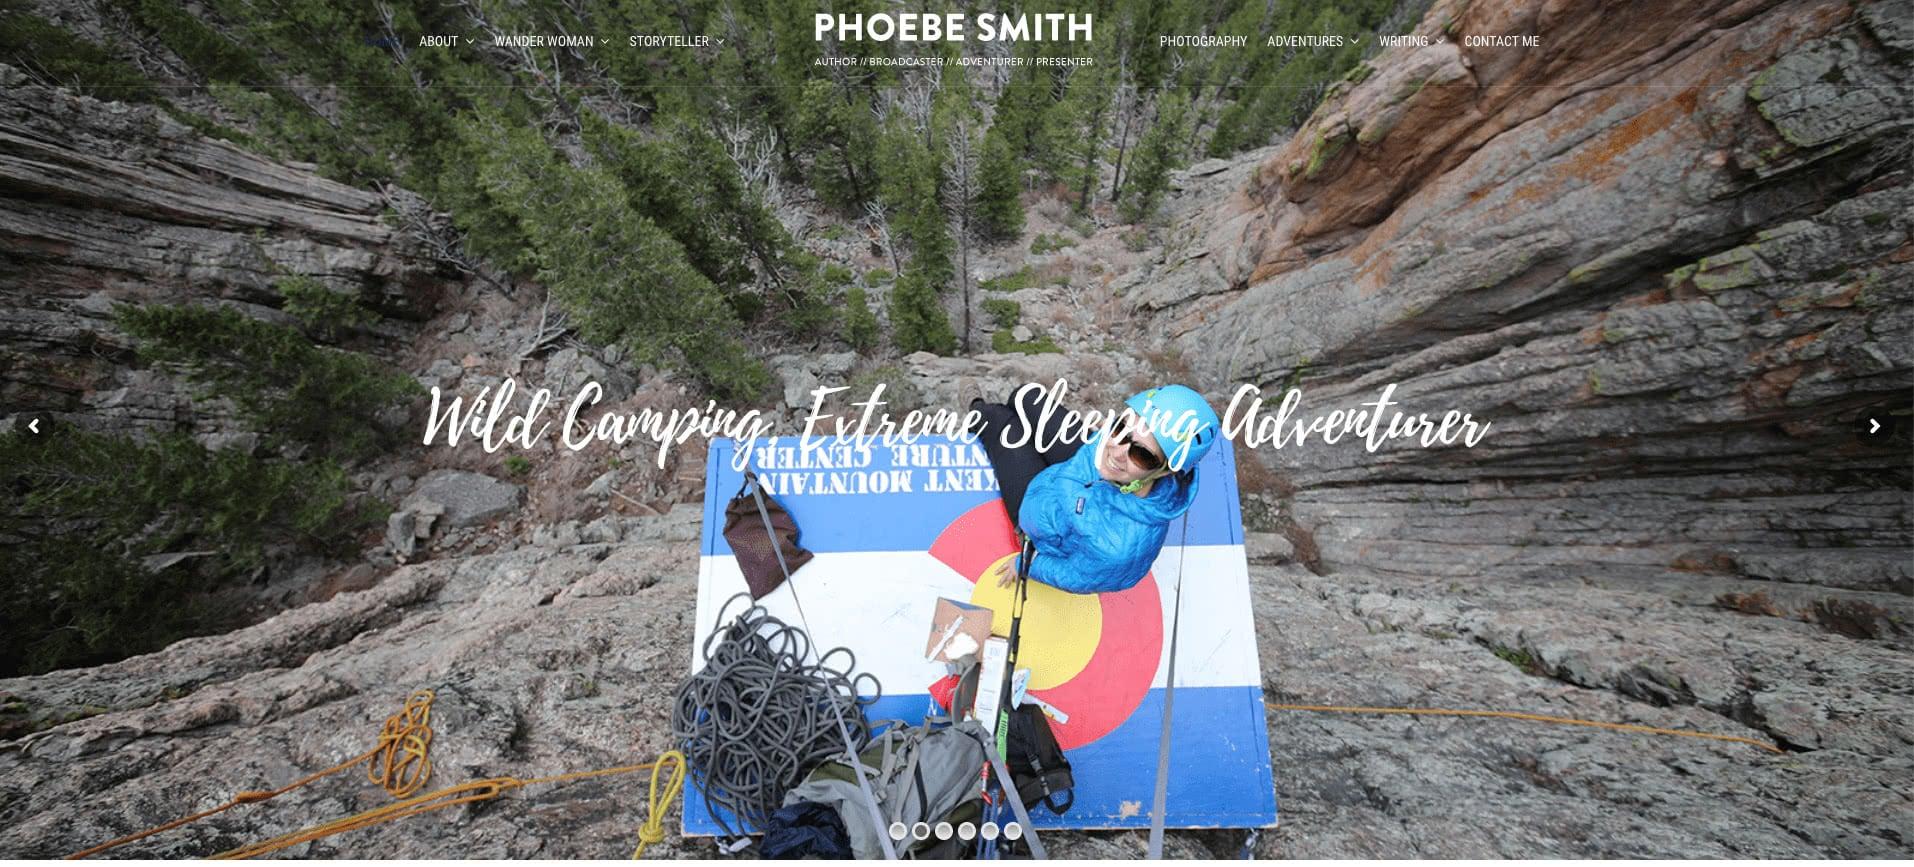 Phoebe Smith website